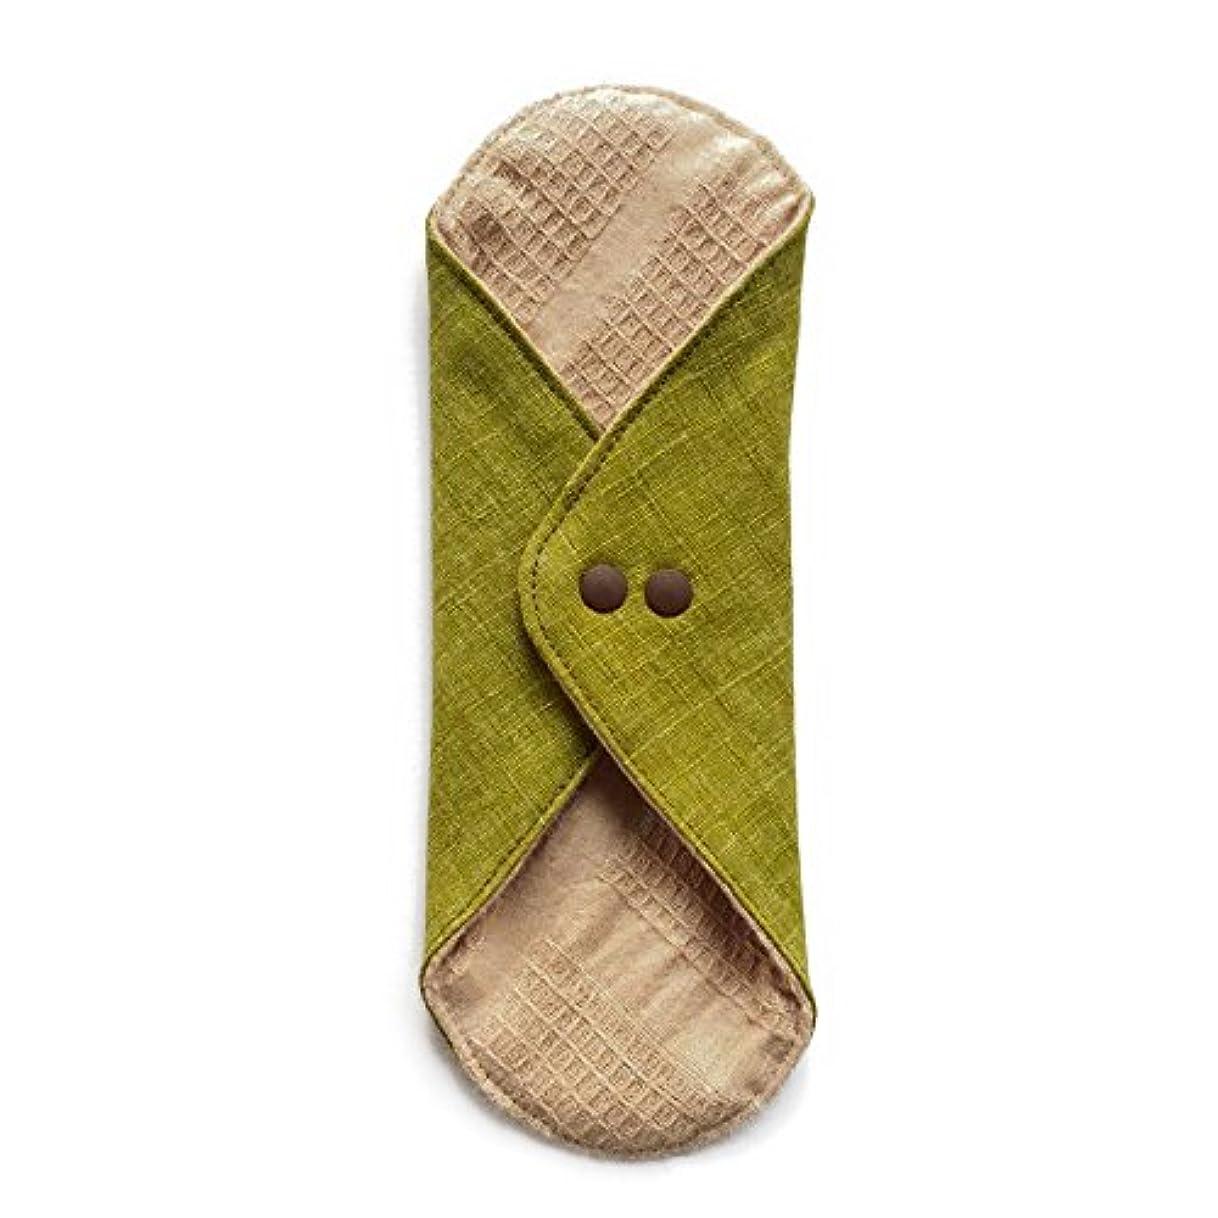 天道を作る問題華布のオーガニックコットンのあたため布 Lサイズ (約18×約20.5×約0.5cm) 彩り(抹茶)